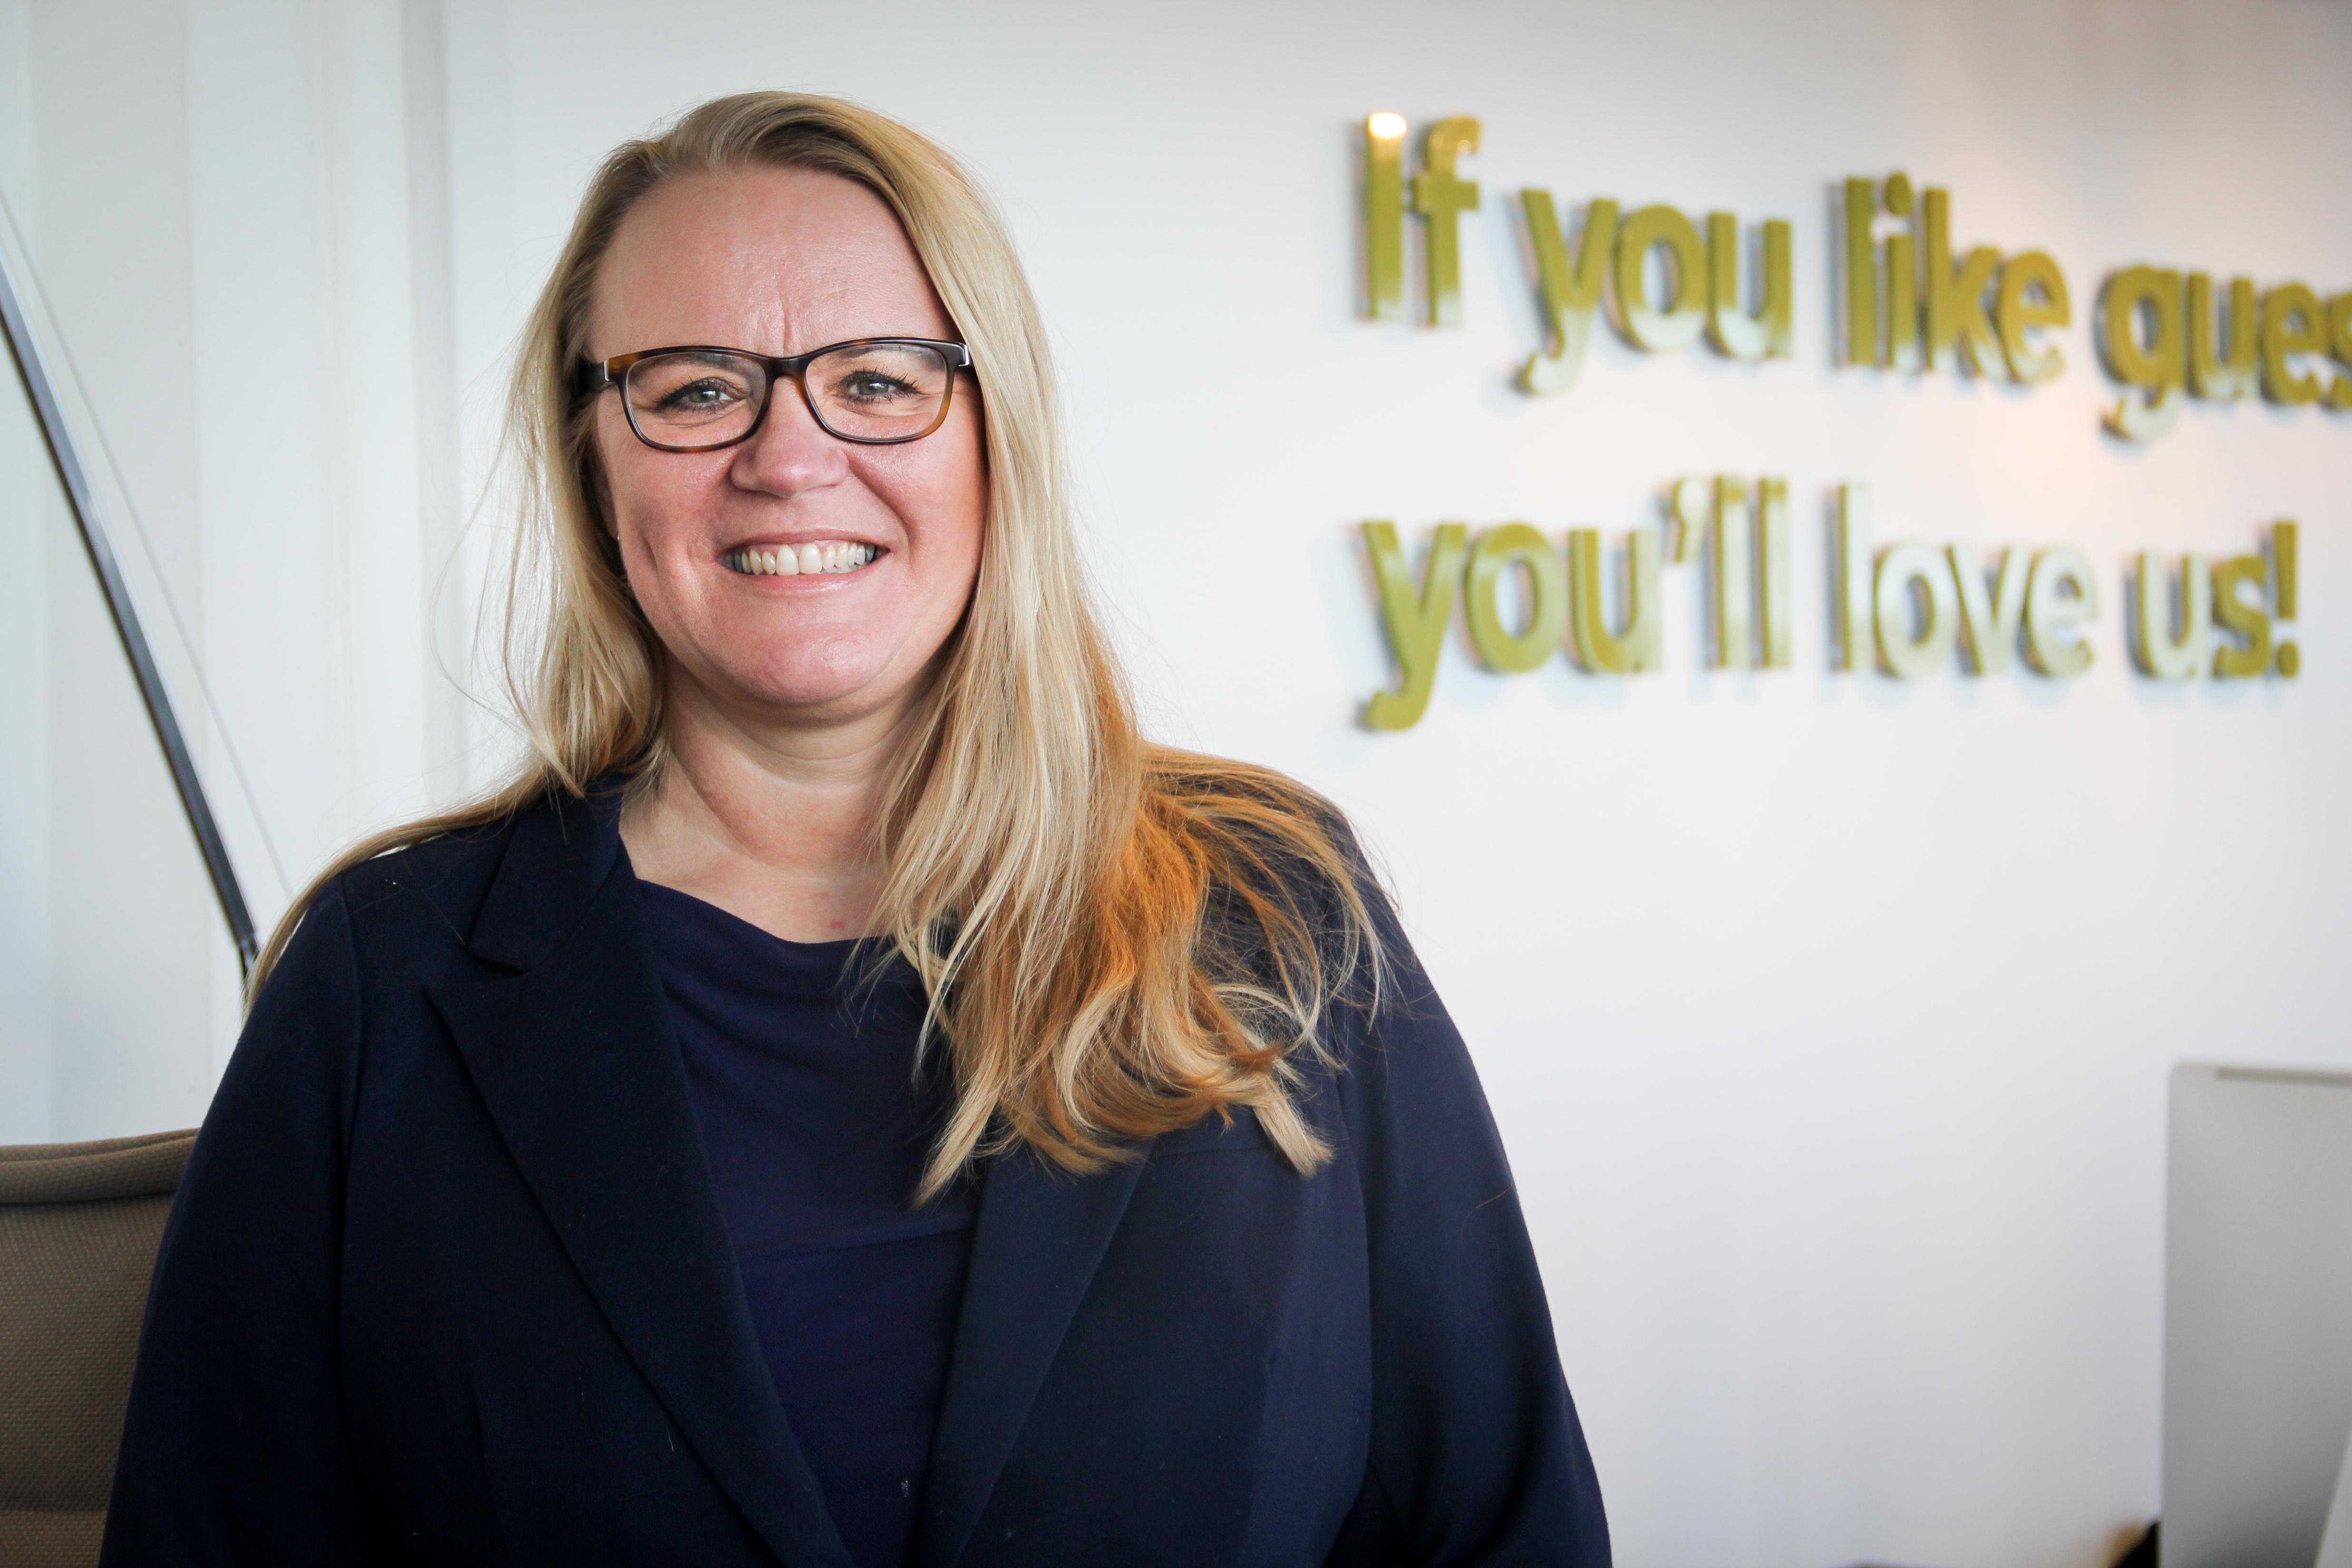 Anja Hartung Sfyrla skifter fra topjob i VisitDenmark for at blive partner i PR-bureauet Gottlieb & Co. i København. PR-foto.